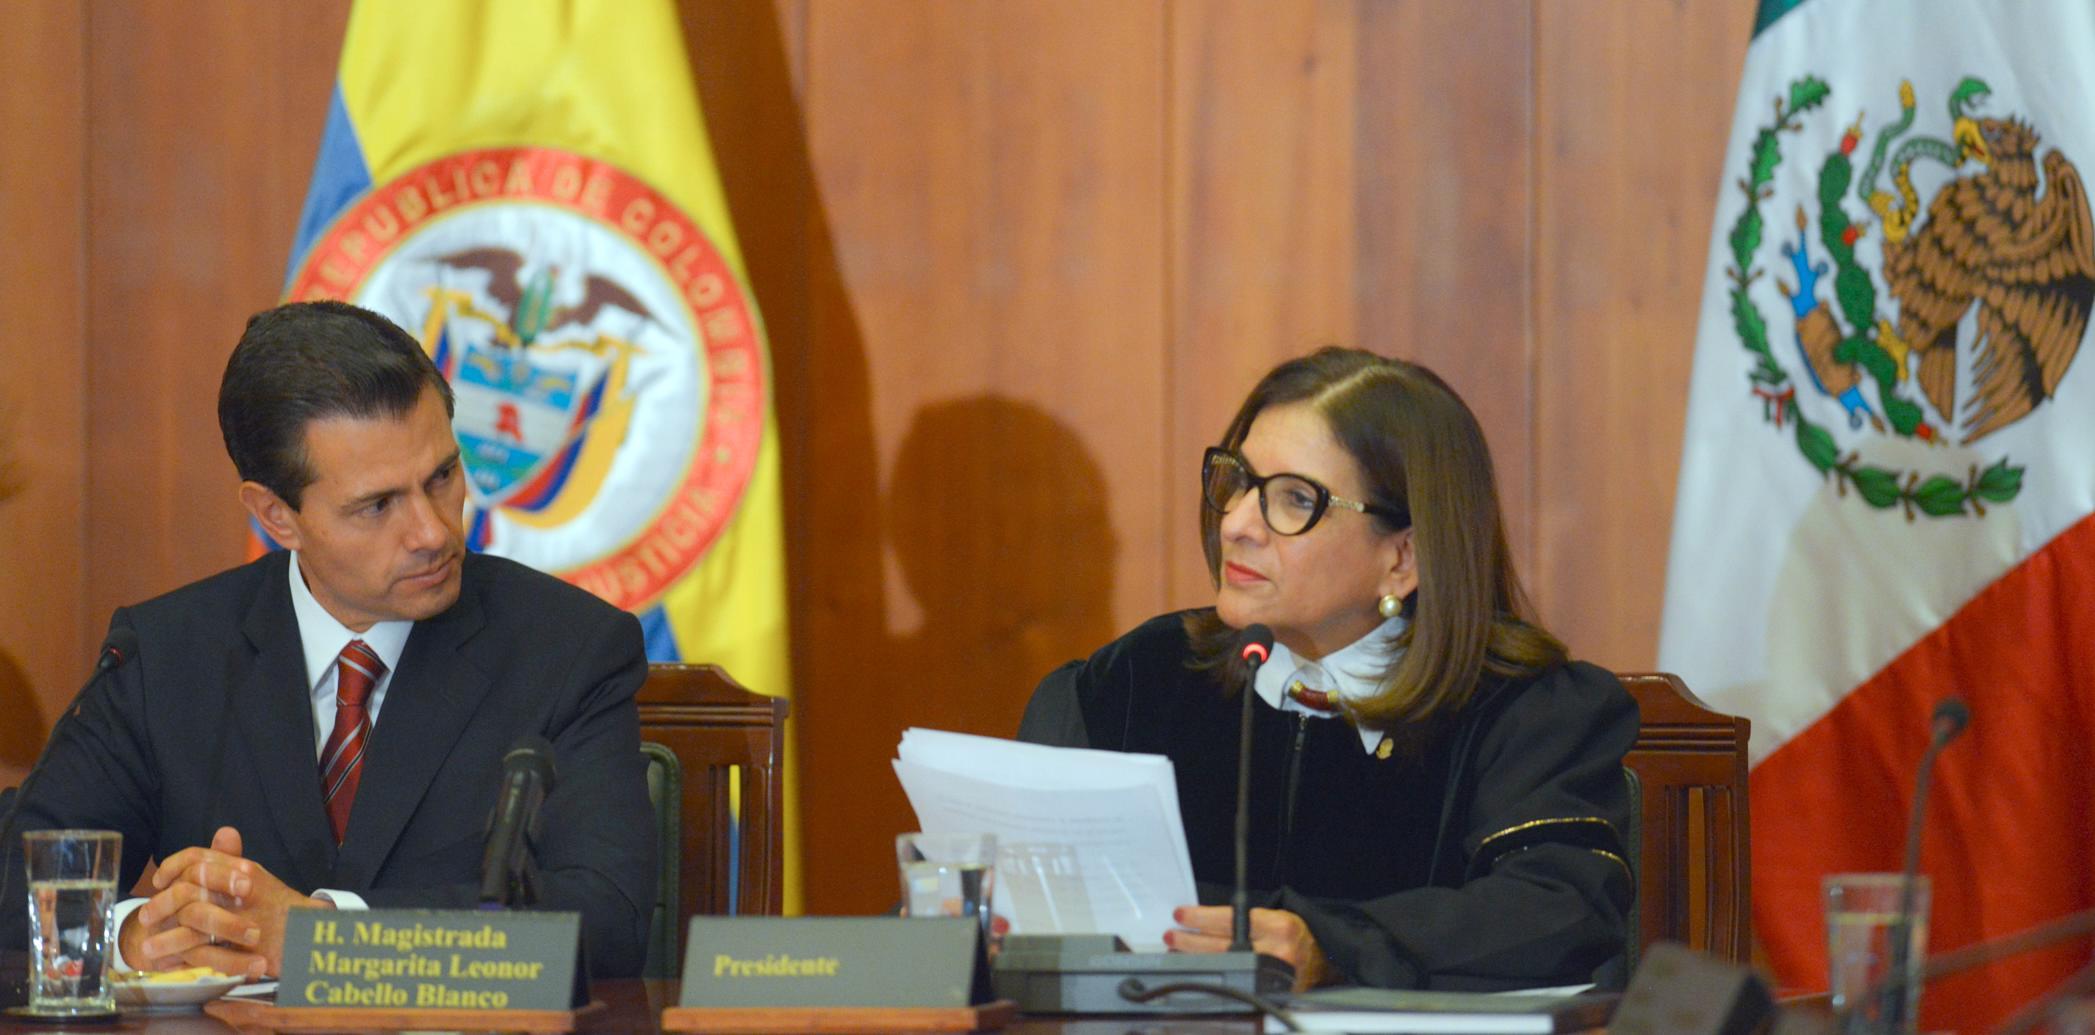 Destaca Presidente EPN la importancia del diálogo interparlamentario entre México y Colombia como muestra de la proximidad de ambos pueblos